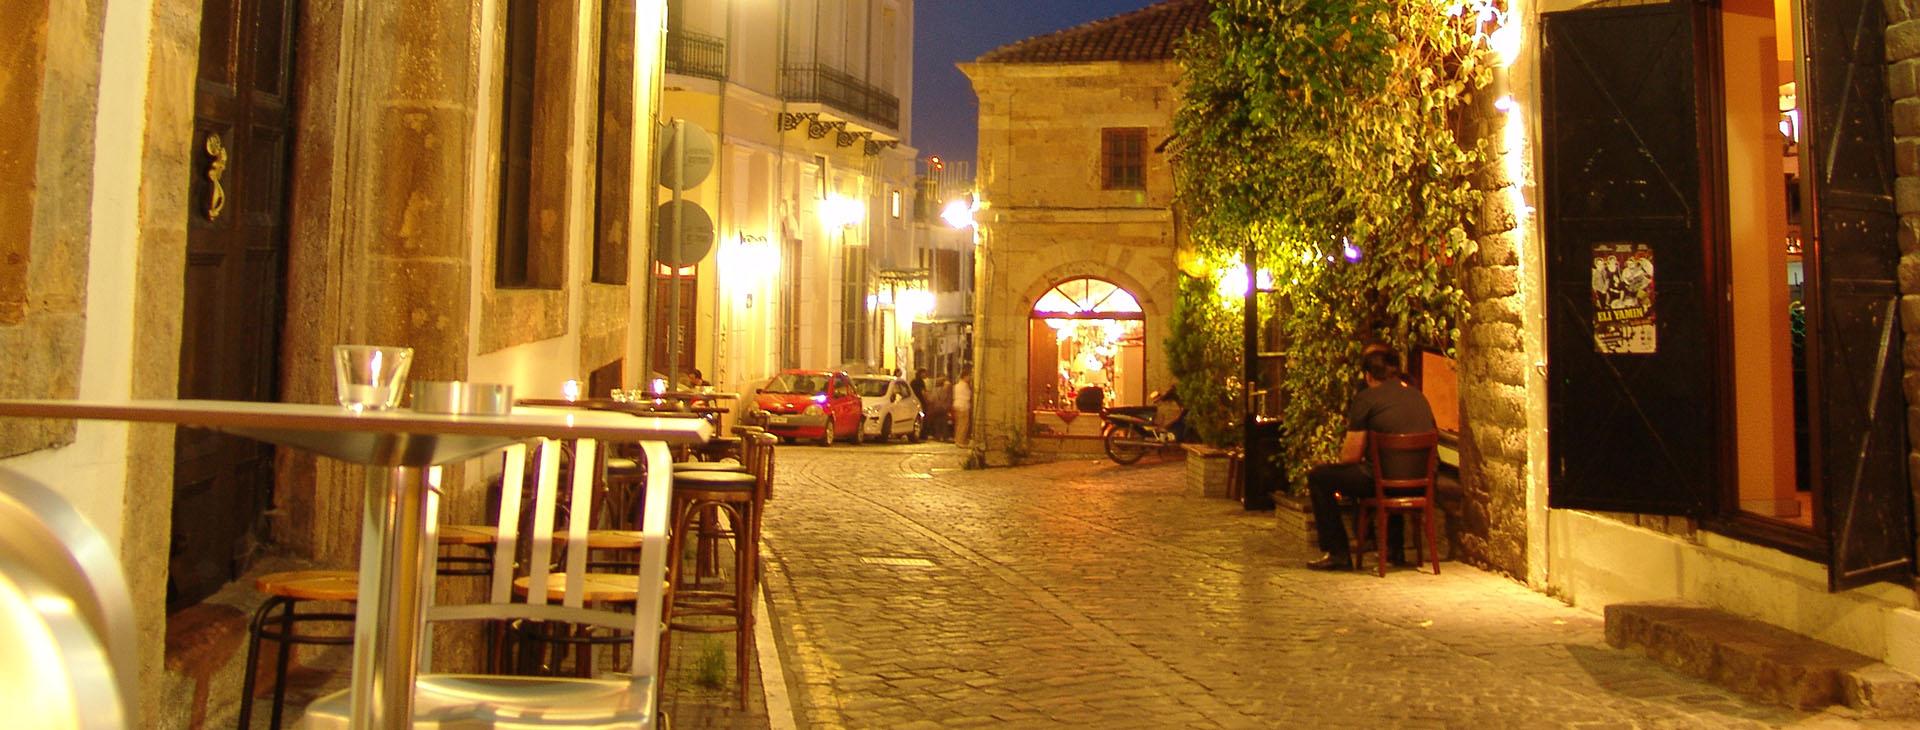 Xanthi, Old Town